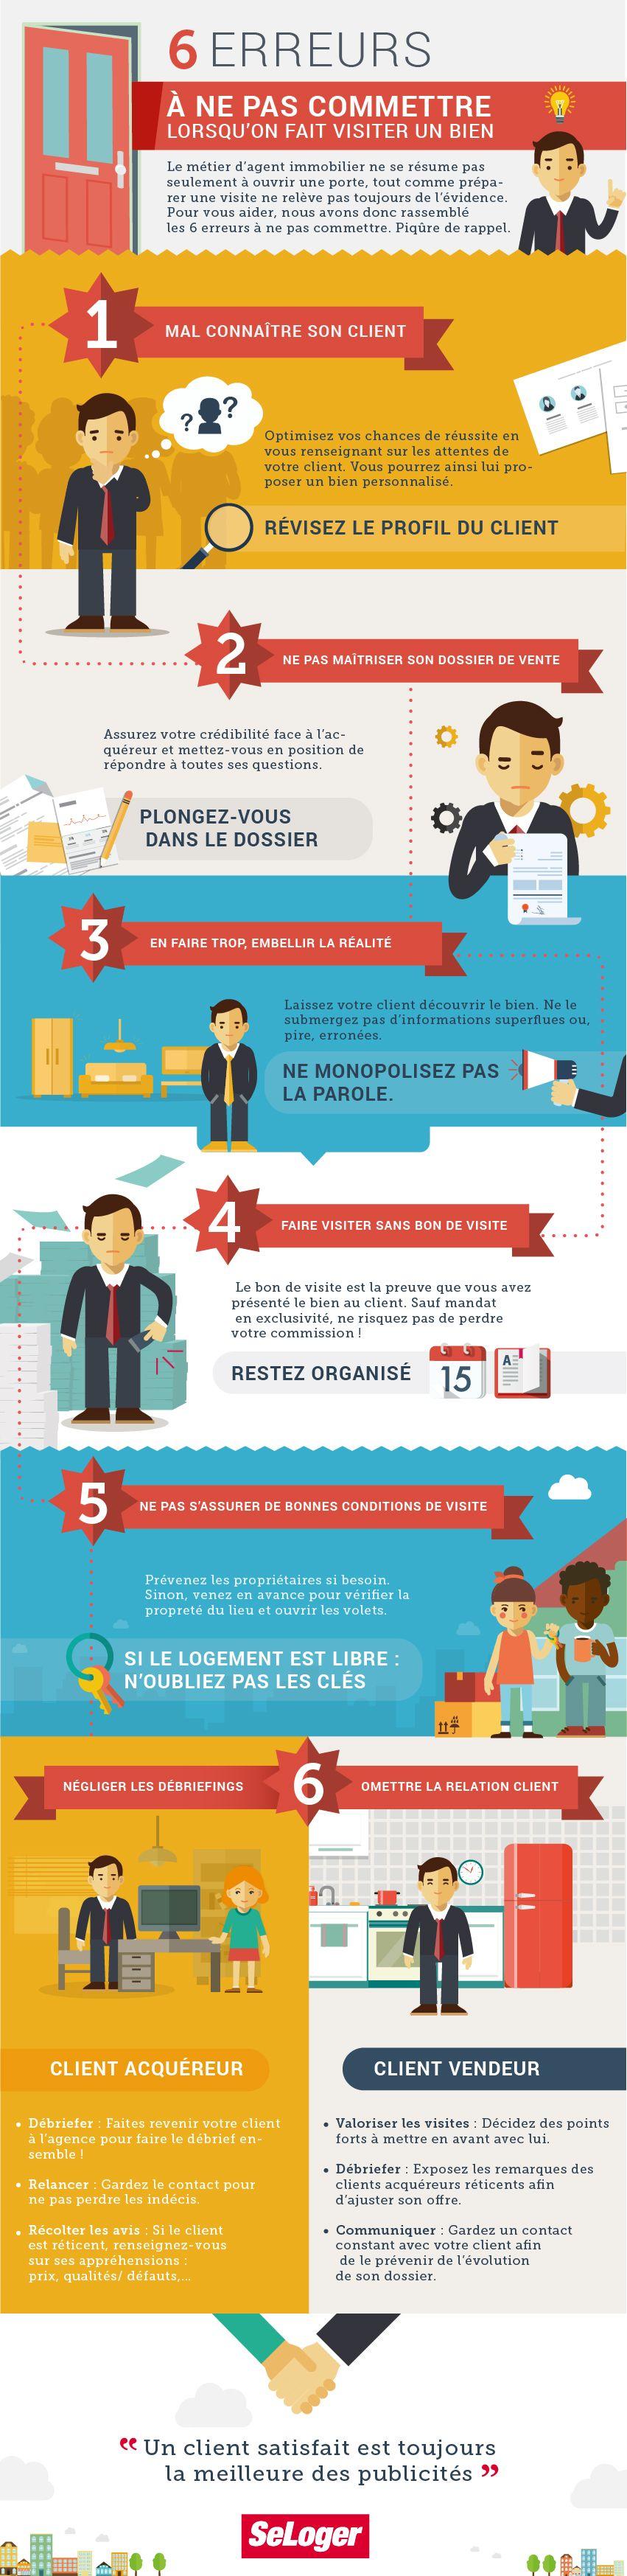 Infographie 6 Erreurs A Ne Jamais Commettre En Visite Marketing Immobilier Mandataire Immobilier Agent Immobilier